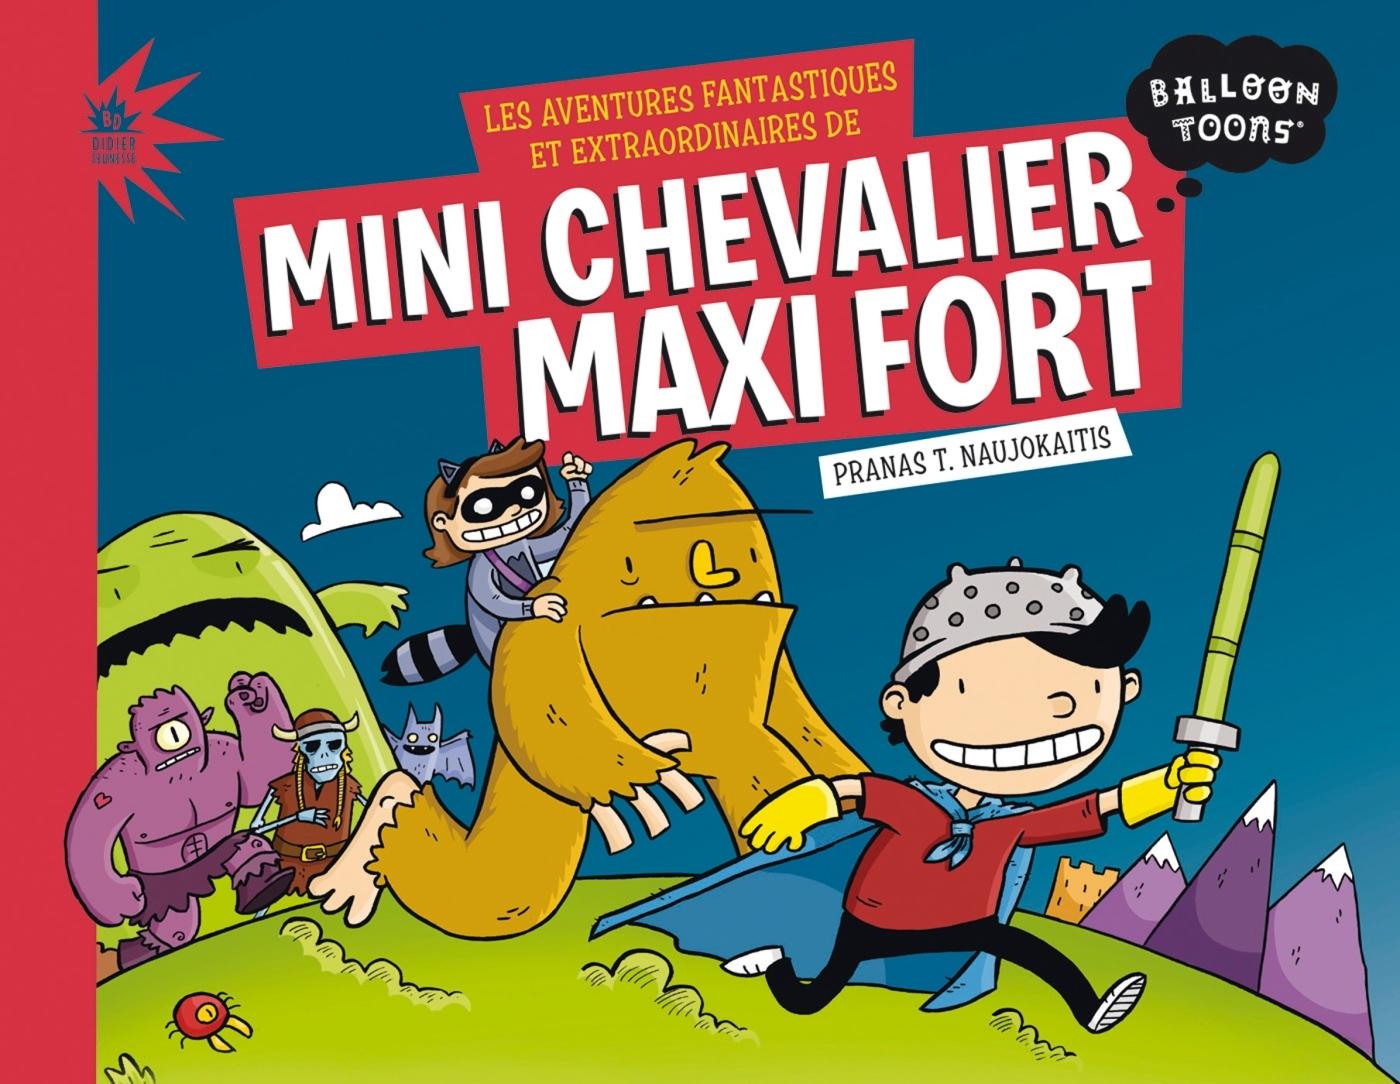 LES AVENTURES FANTASTIQUES ET EXTRAORDINAIRES DE MINI CHEVALIER MAXI FORT (BD JEUNESSE)